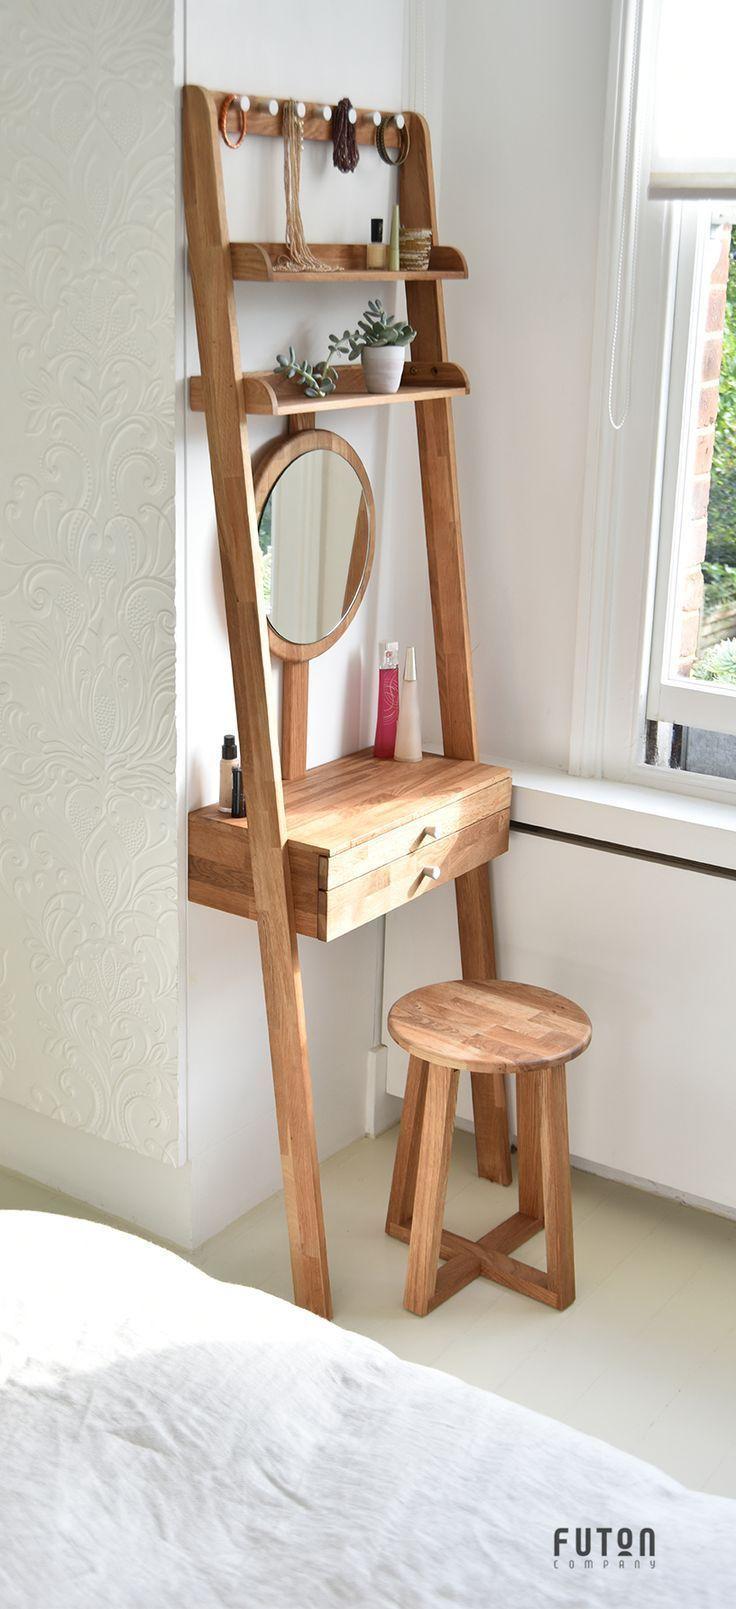 12 conceptions intelligentes pour la vie dans de petits espaces  Wood Design 12 conceptions intelligentes pour la vie dans de petits espaces